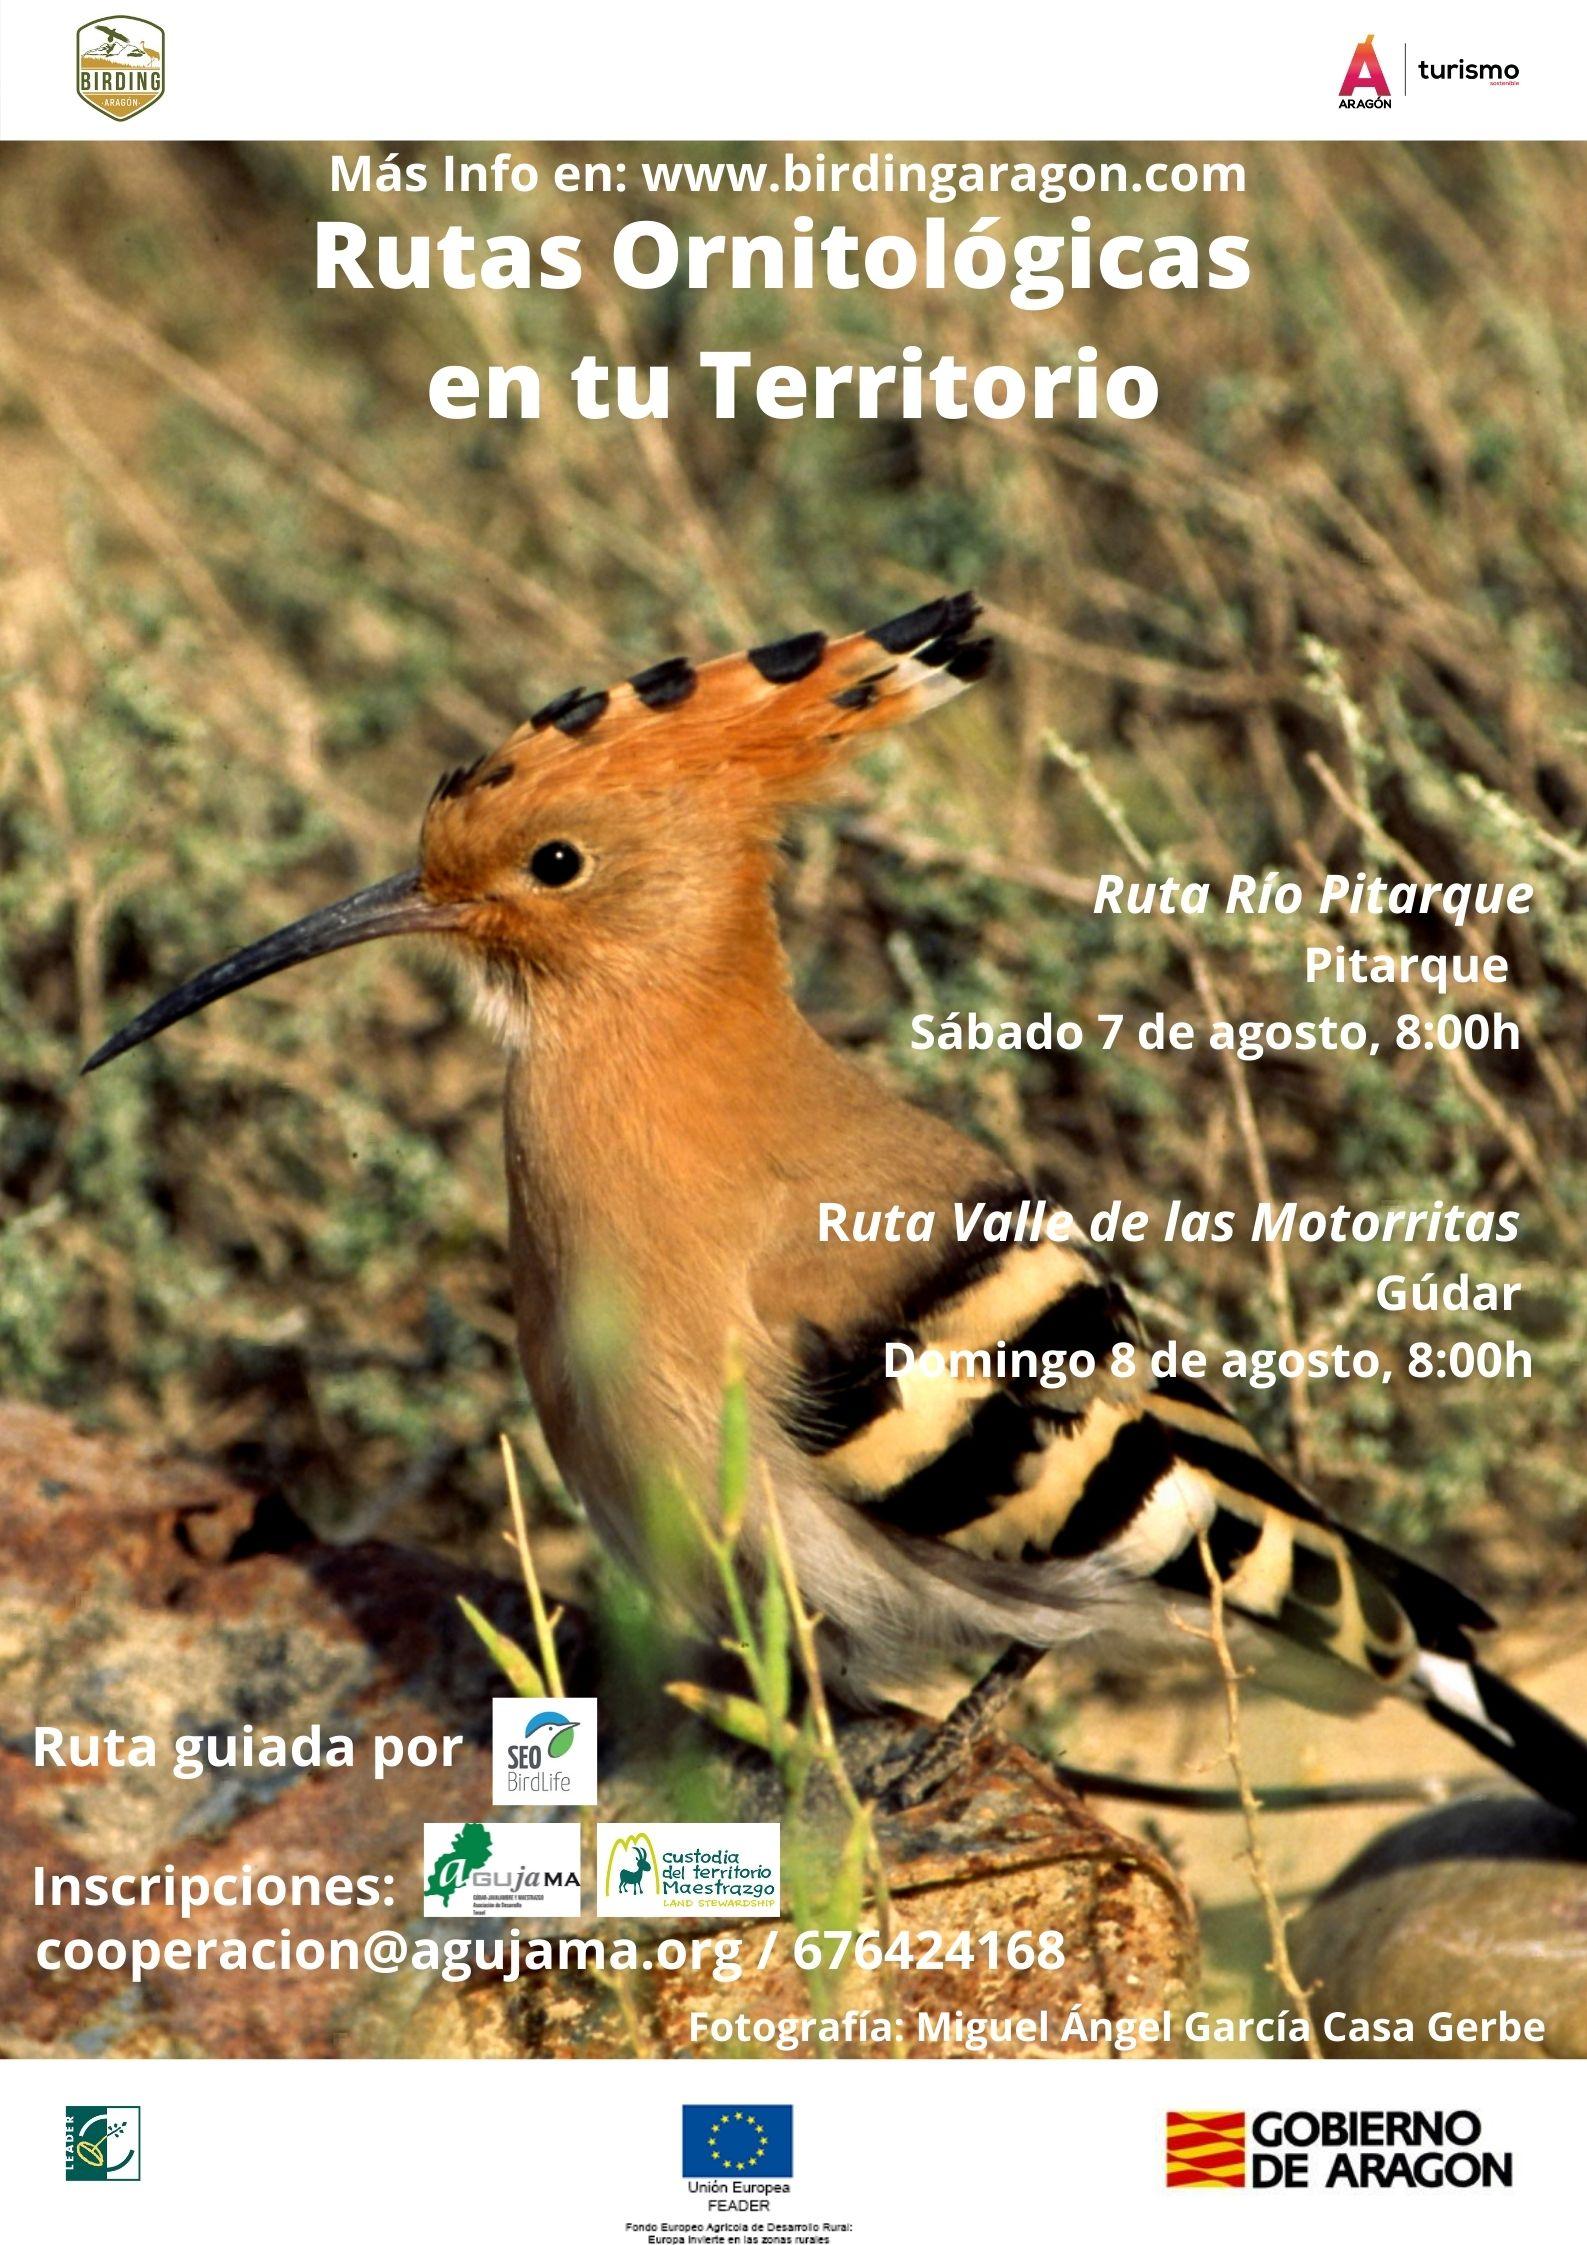 7 de Agosto. Ruta ornitológica en el Río Pitarque (Villarluengo, Maestrazgo) 8 de Agosto. Ruta ornitológica en el Valle de las Motorritas de Gúdar (Gúdar-Javalambre).